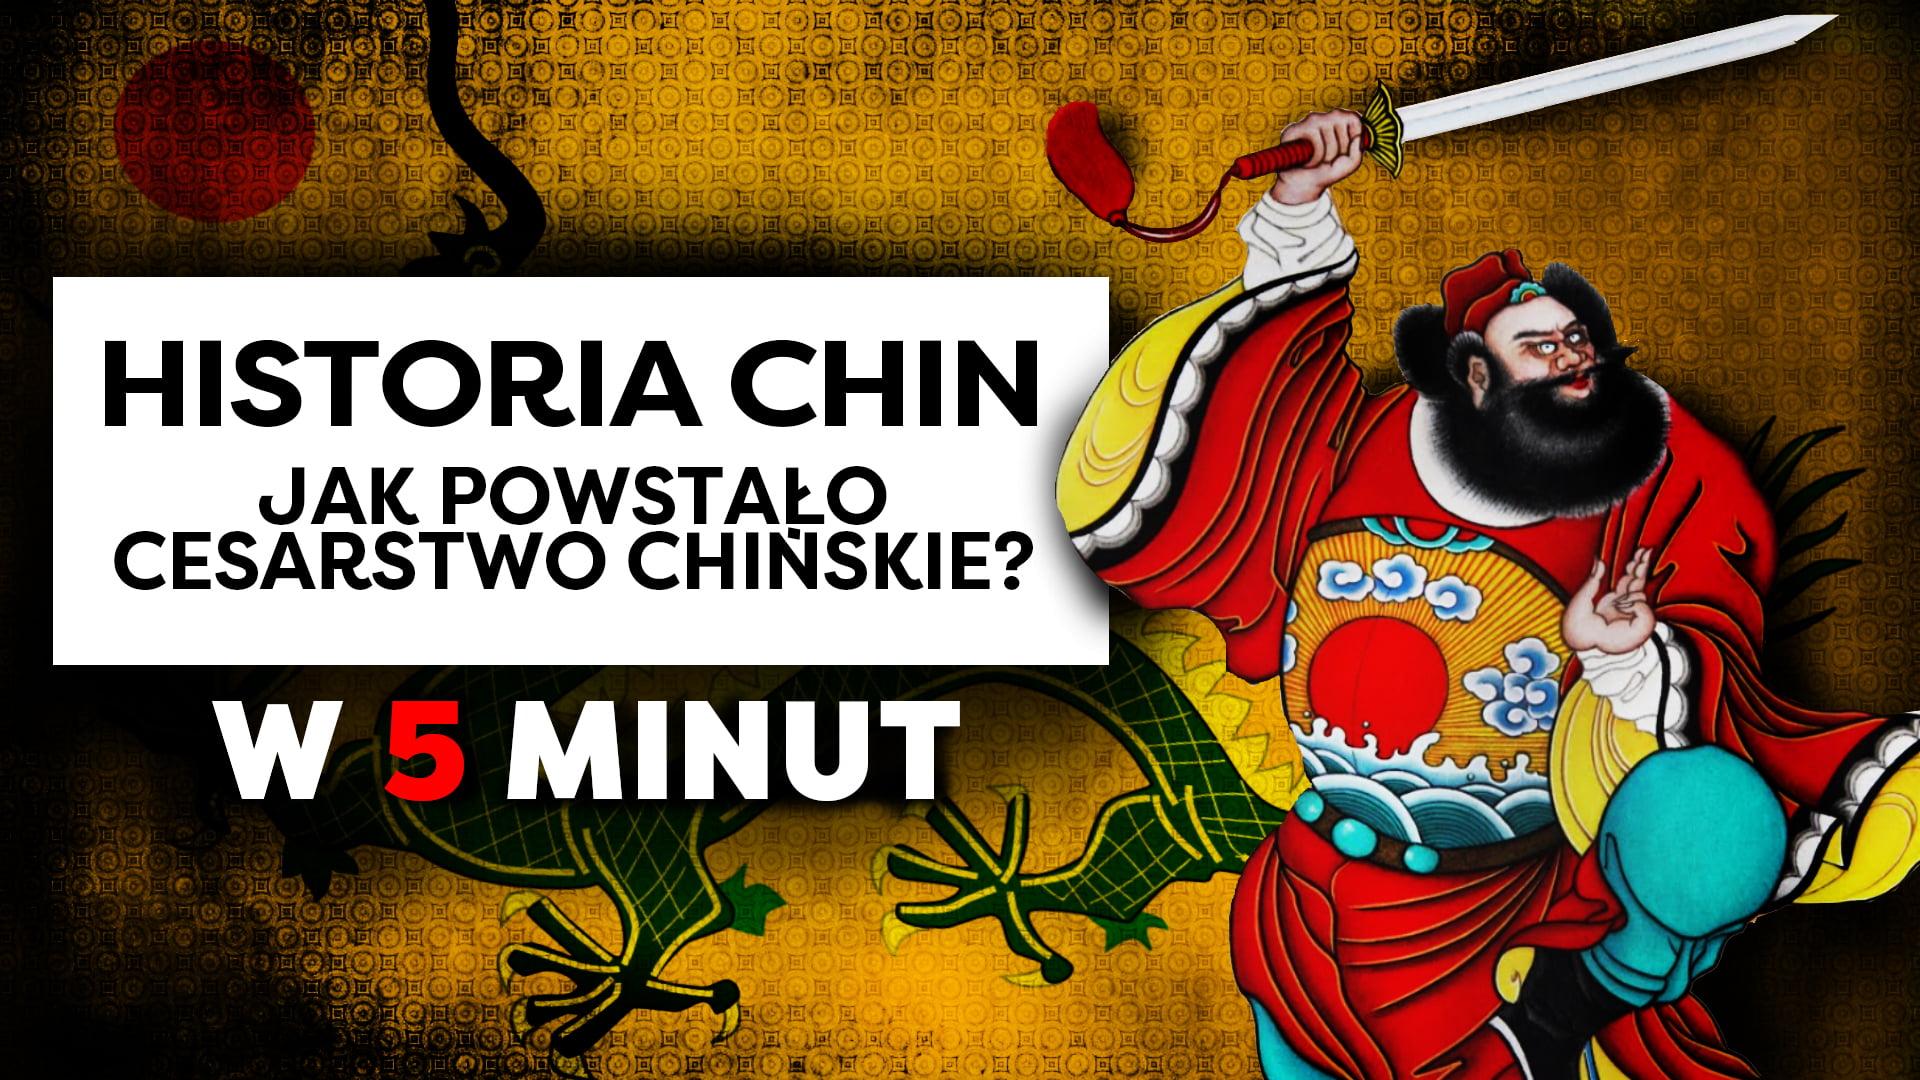 chiny, historia chin